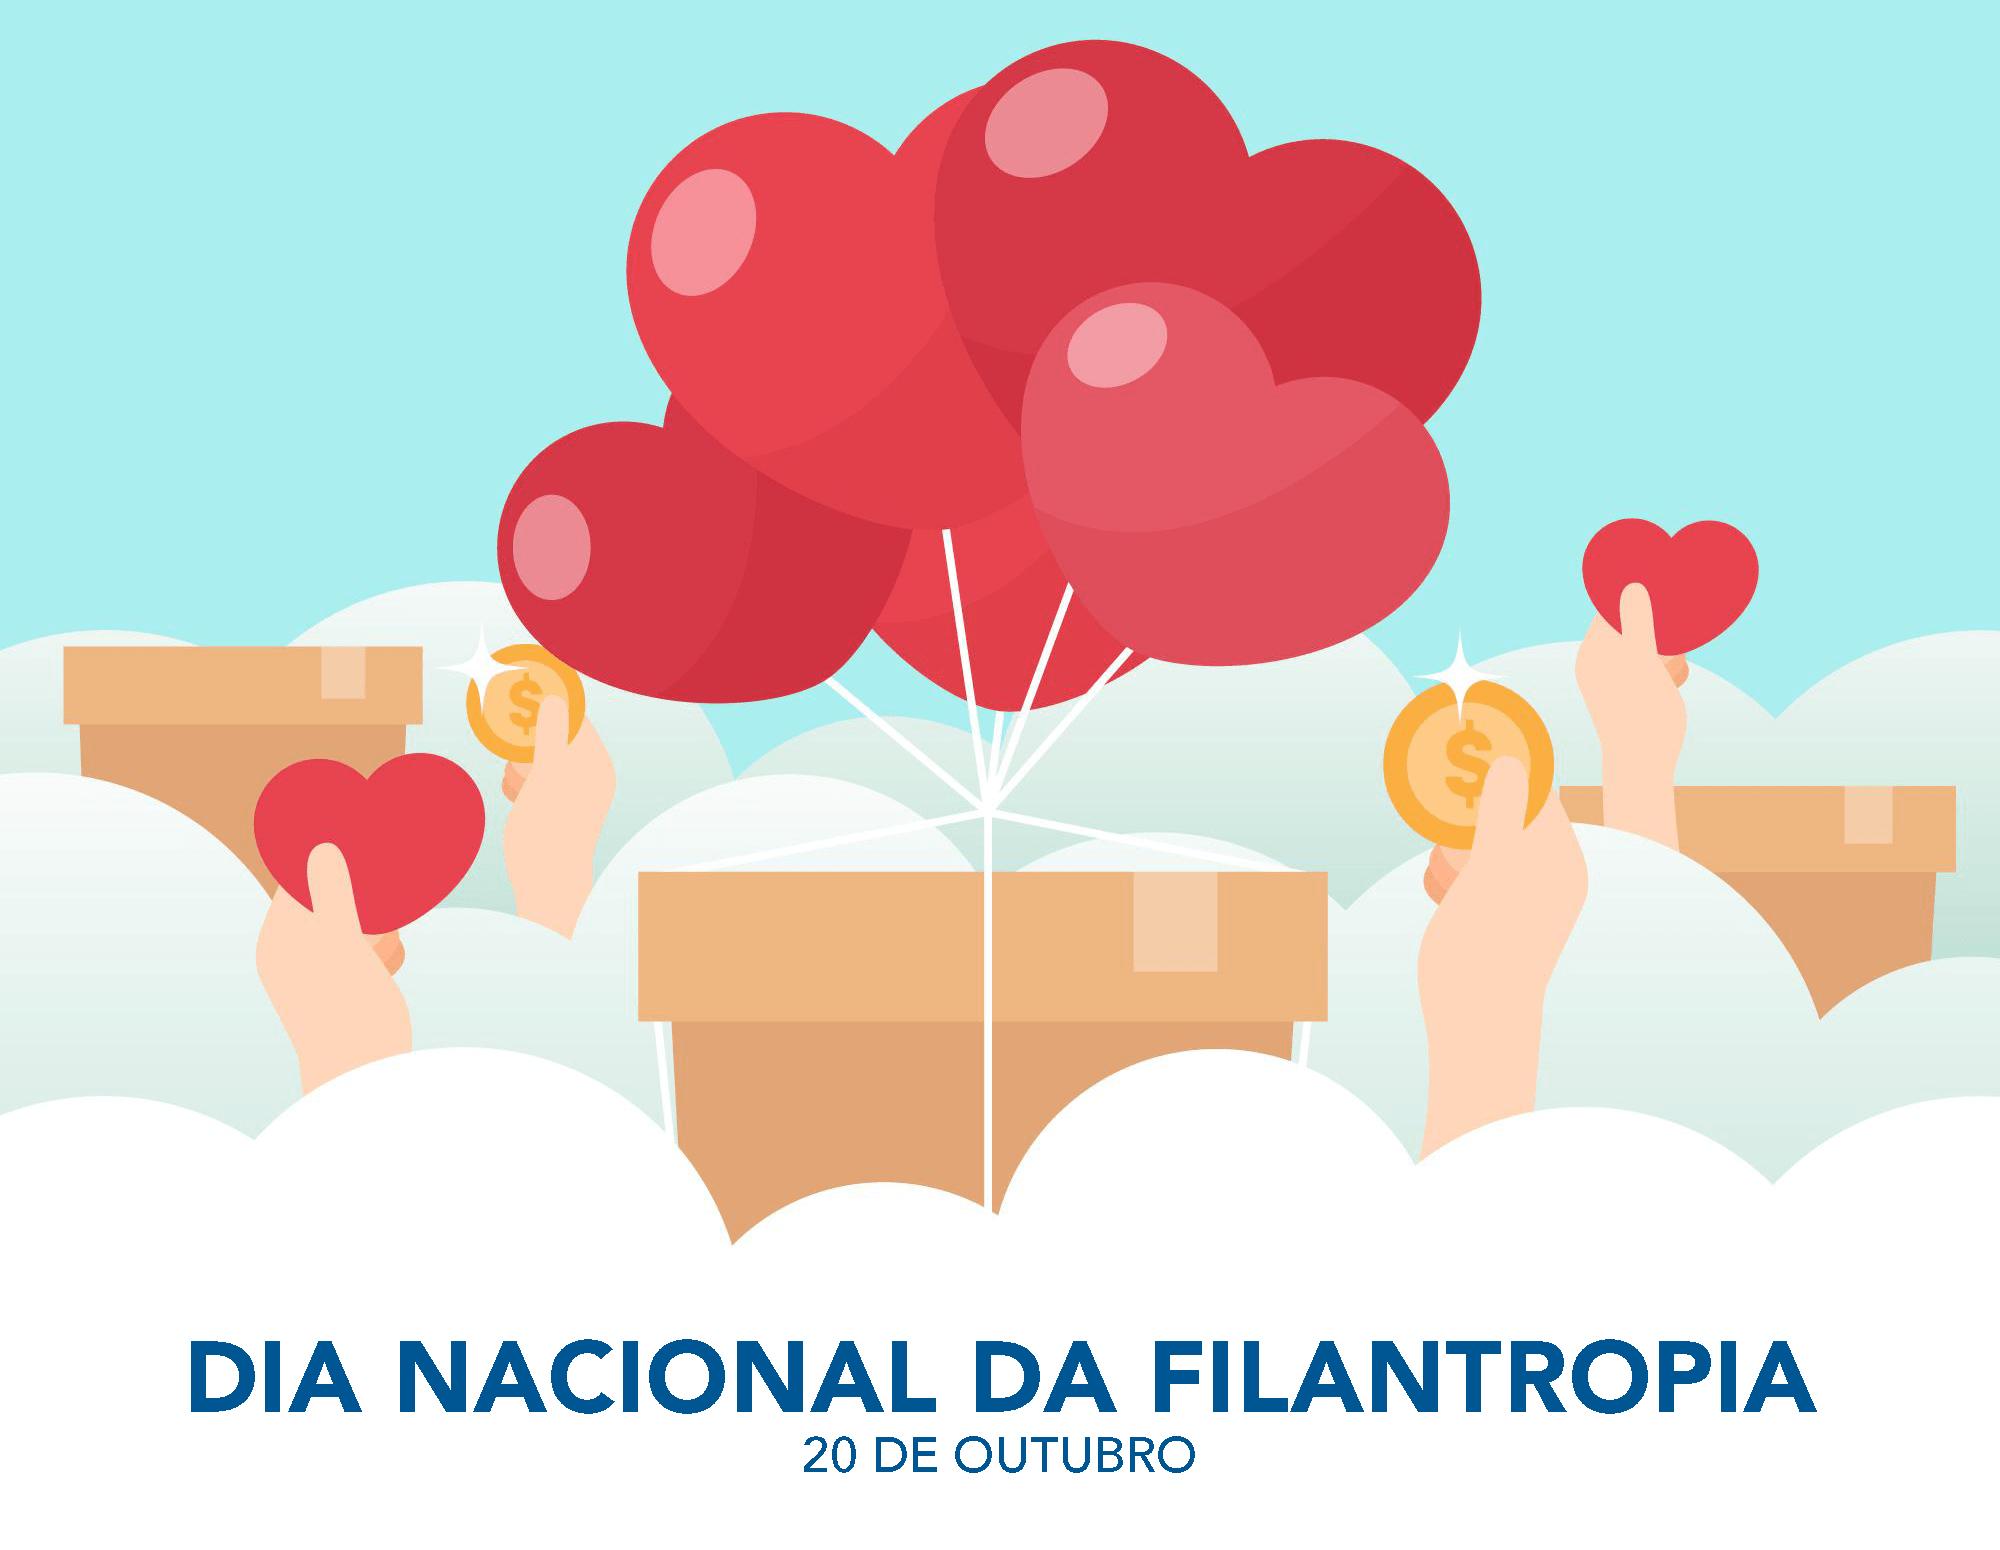 Dia da Filantropia, uma data marcante para o trabalho do Espro